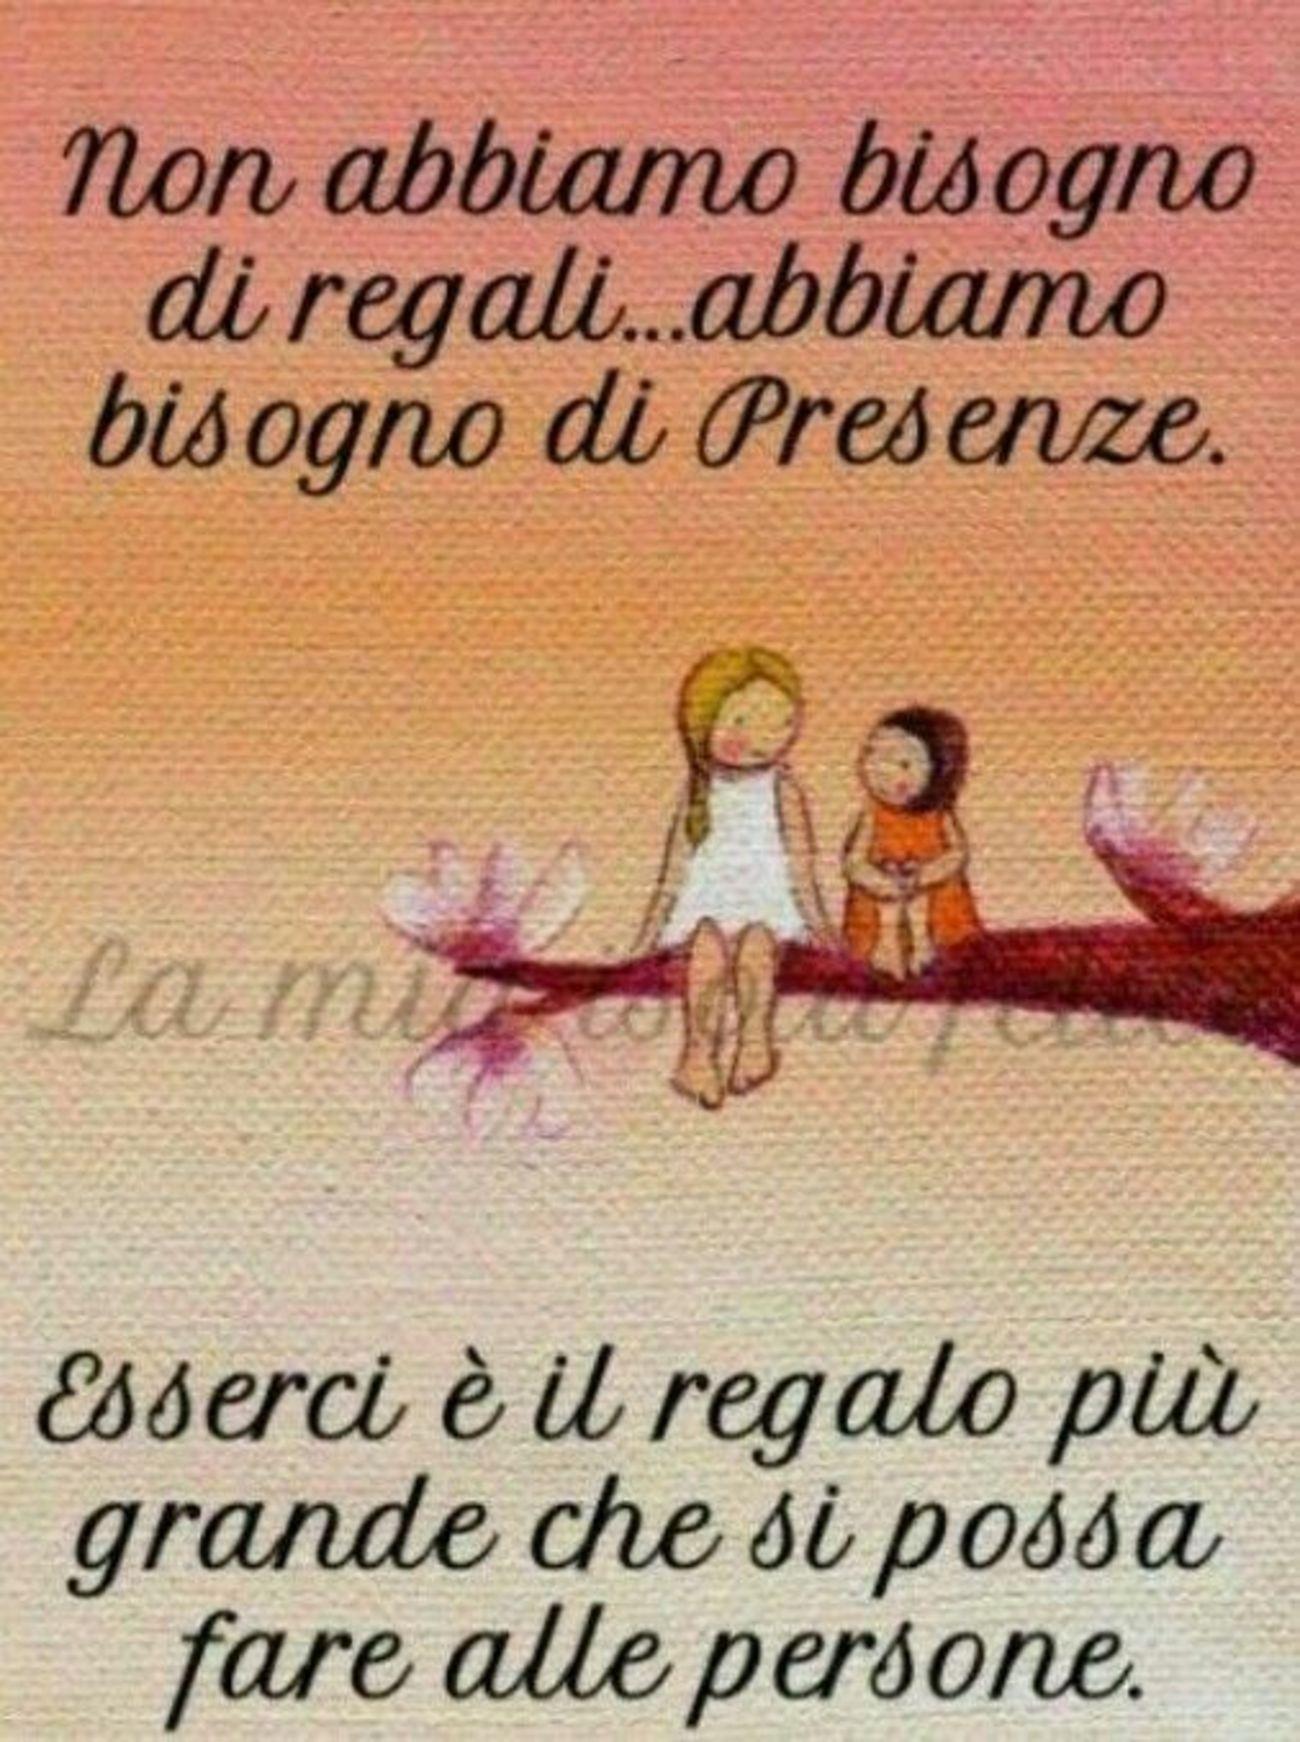 Immagini Con Frasi Belle 7283 Buongiornissimocaffe It